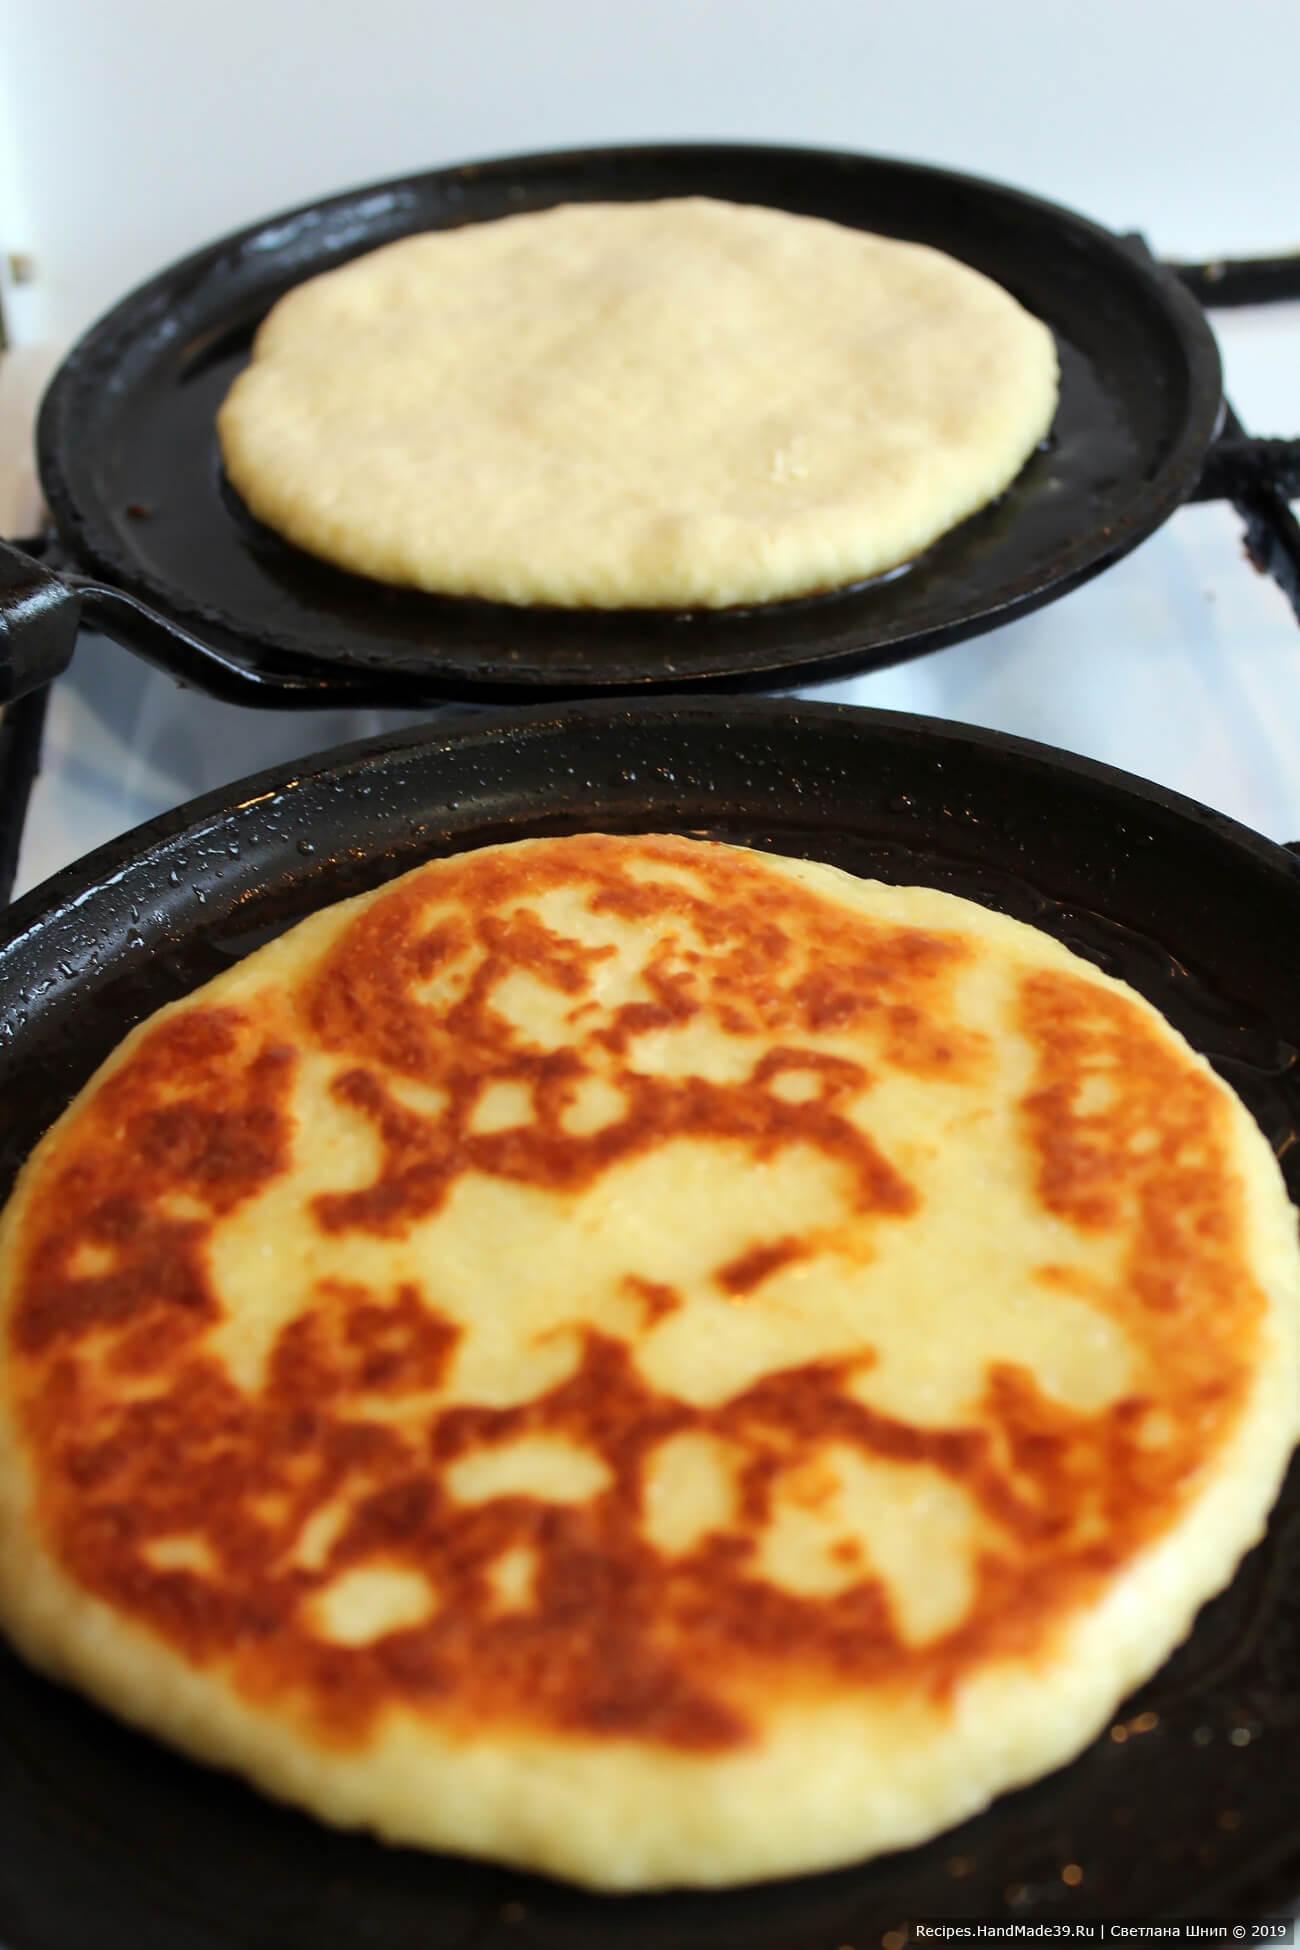 Лепёшки обжарить с двух сторон на сковороде в небольшом количестве масла. Жарить на среднем огне под крышкой до зарумянивания